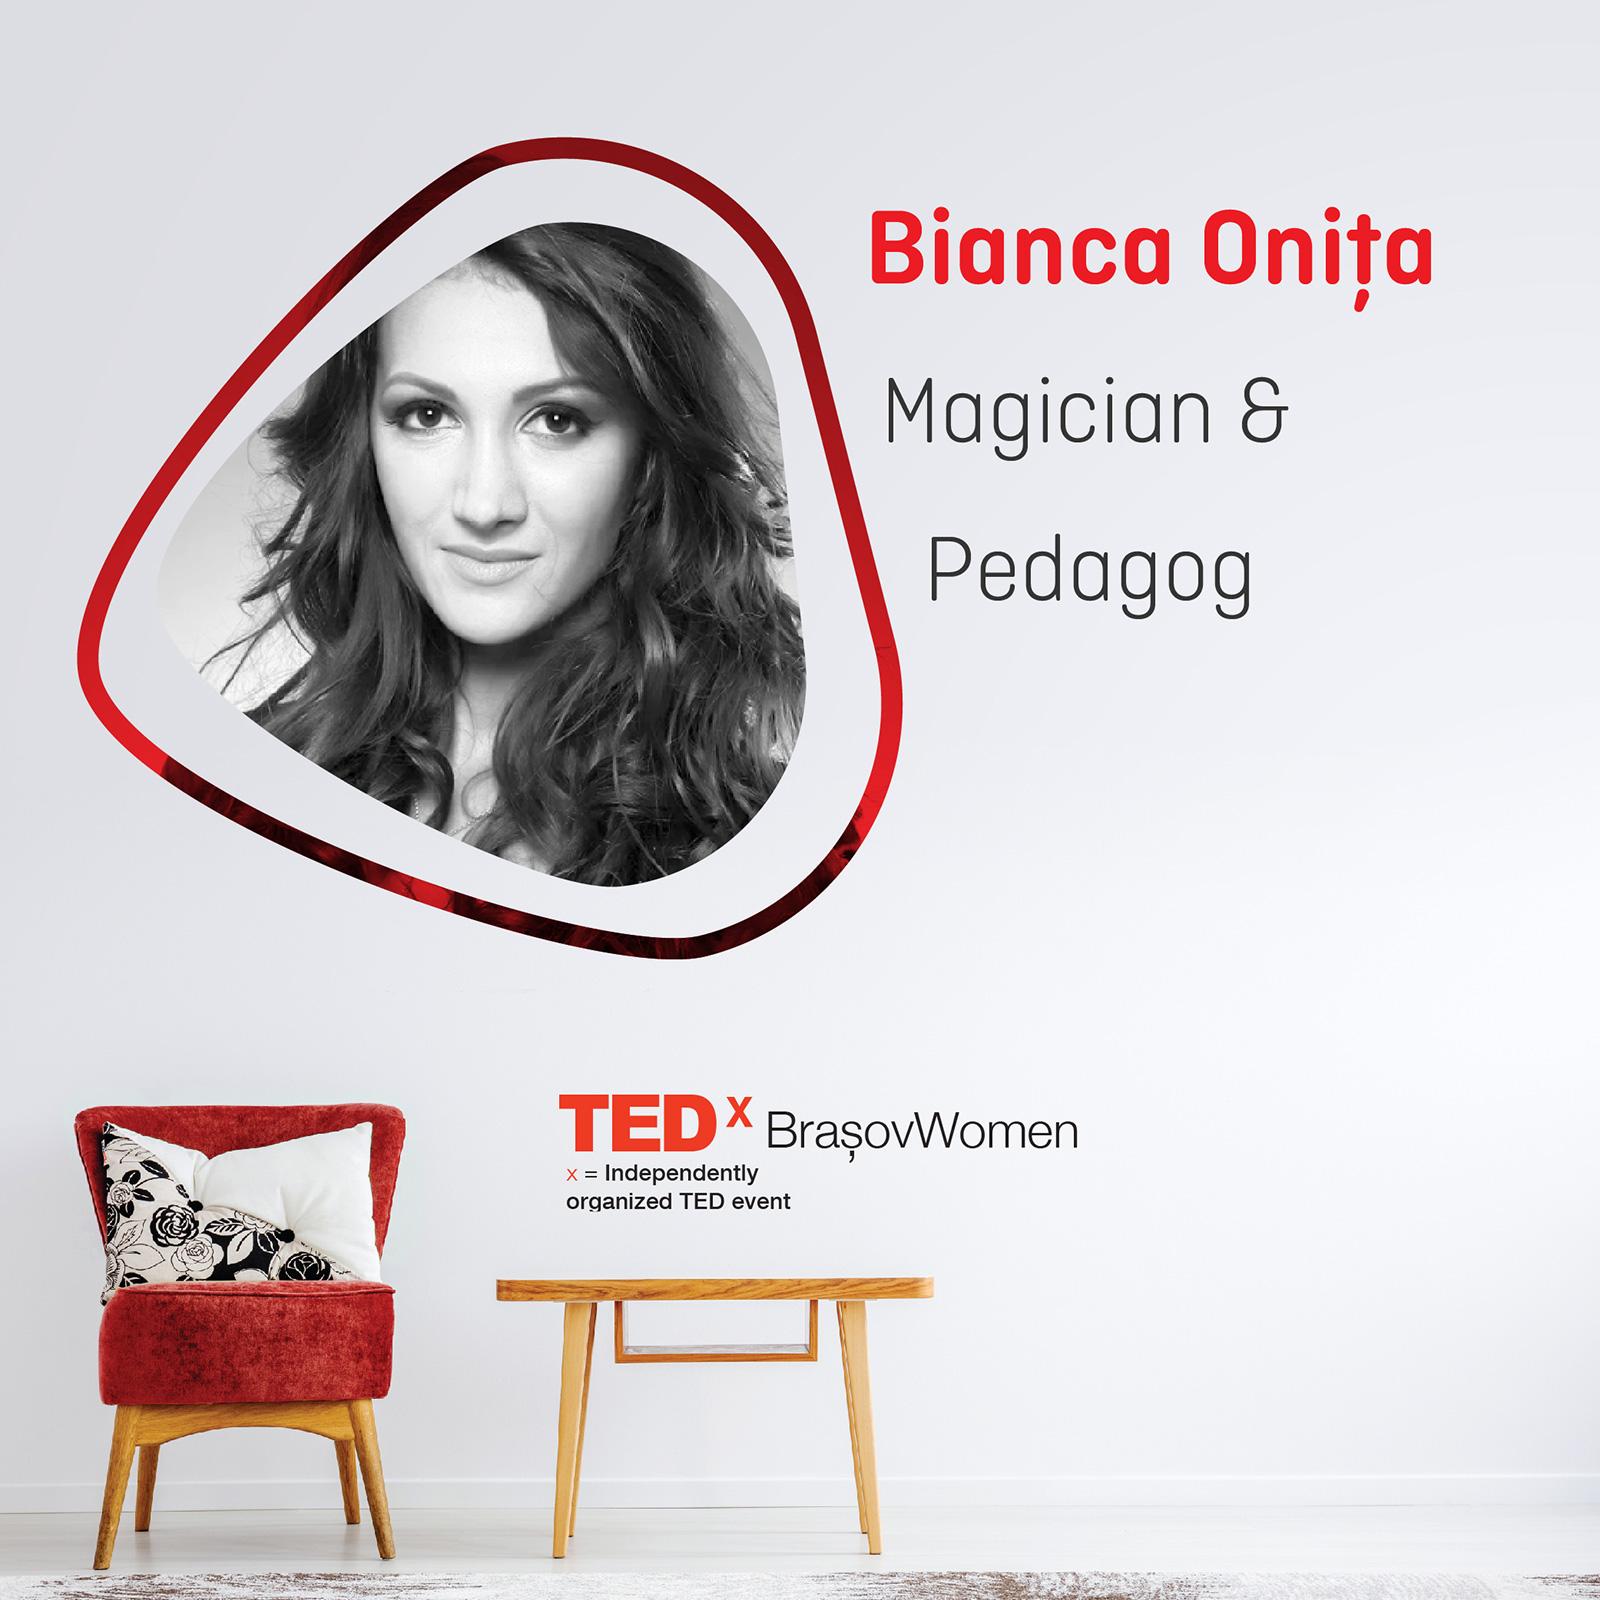 Bianca Oniță